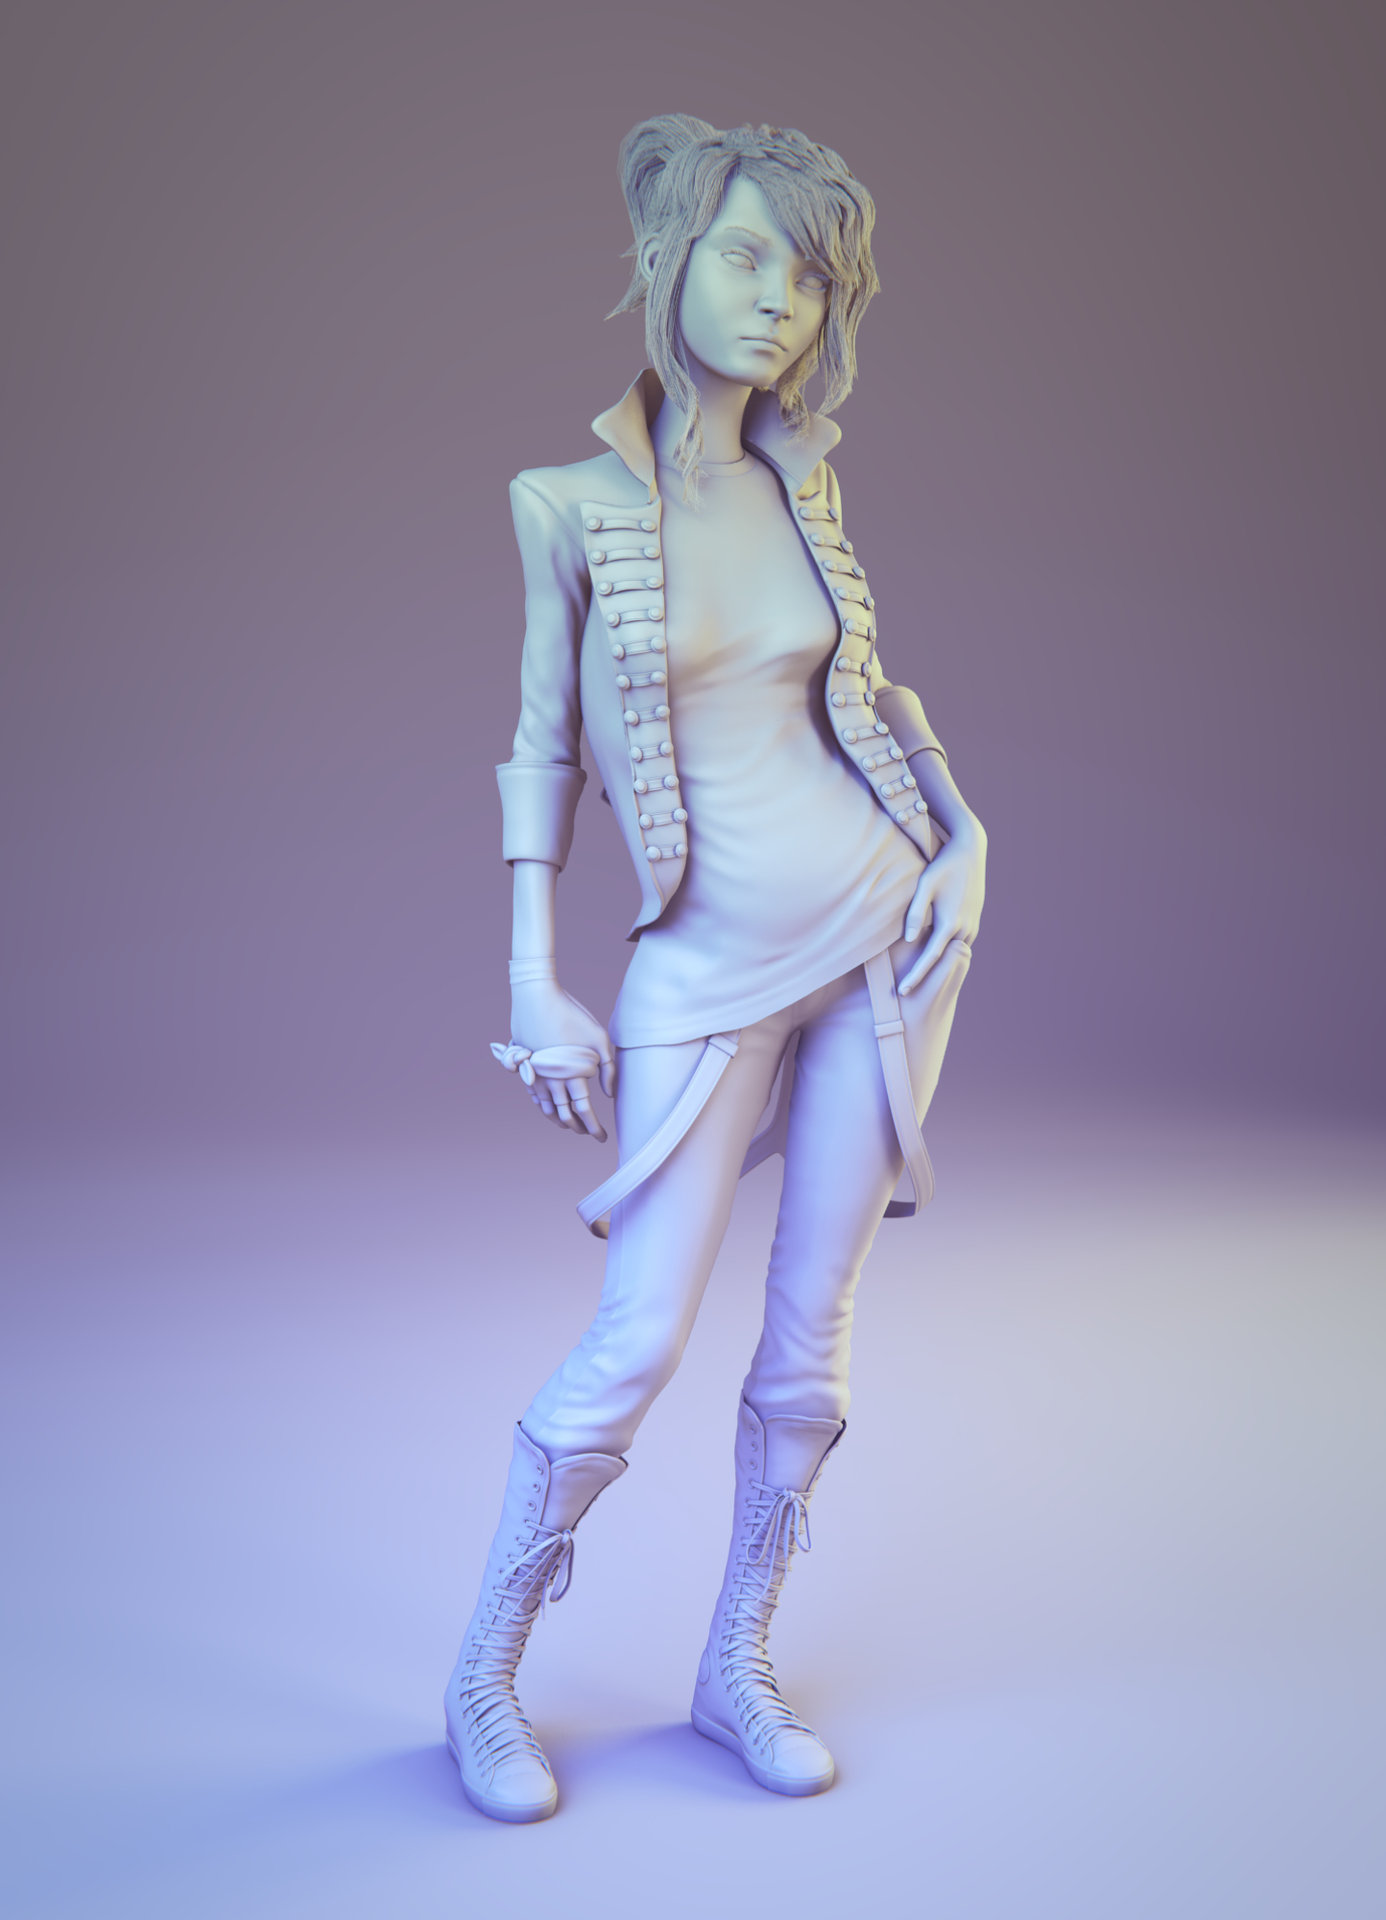 Violet clay